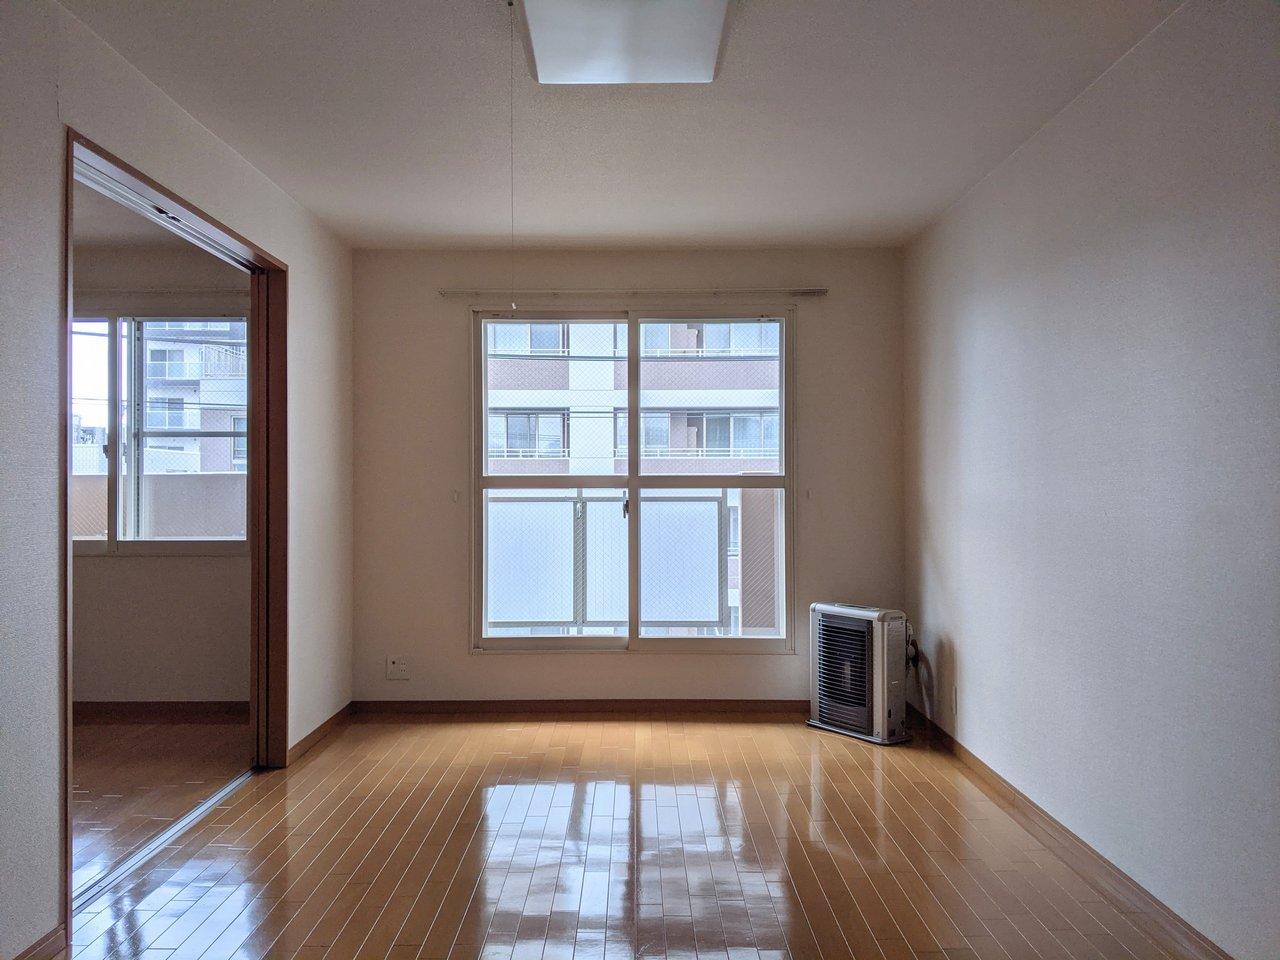 駅から徒歩2分の場所にある、1LDKのお部屋。10畳LDKと、6畳の寝室がつながった、使い勝手の良い間取りです。